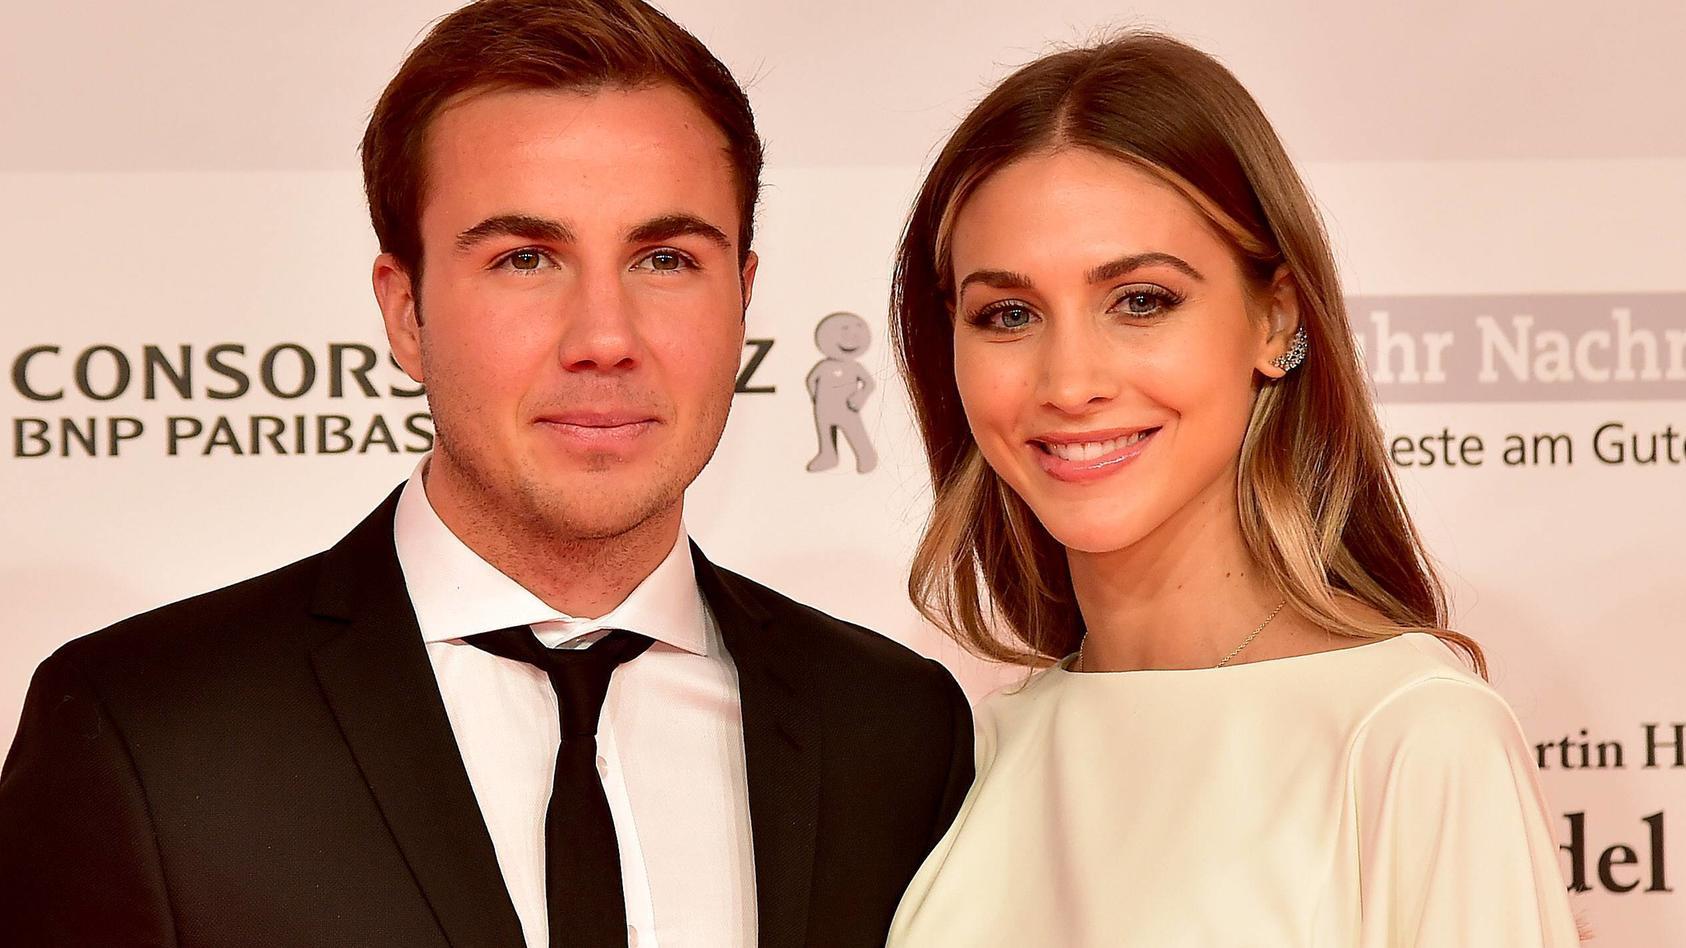 Mario und Ann-Kathrin Götze sind seit dem 5. Juni 2020 Eltern eines Sohnes.